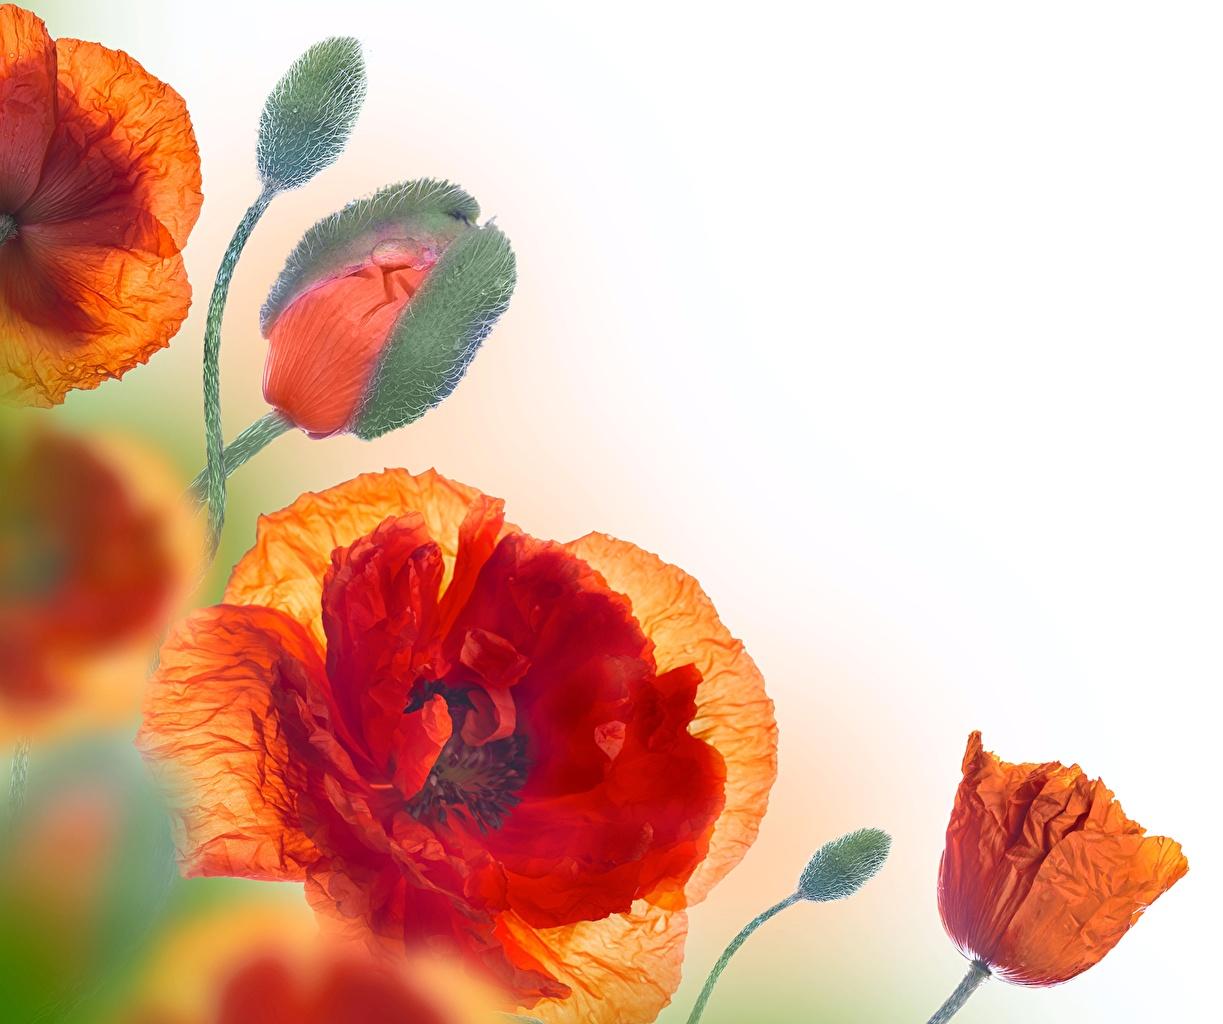 Картинка Красный Маки цветок Бутон Крупным планом красная красные красных мак Цветы вблизи